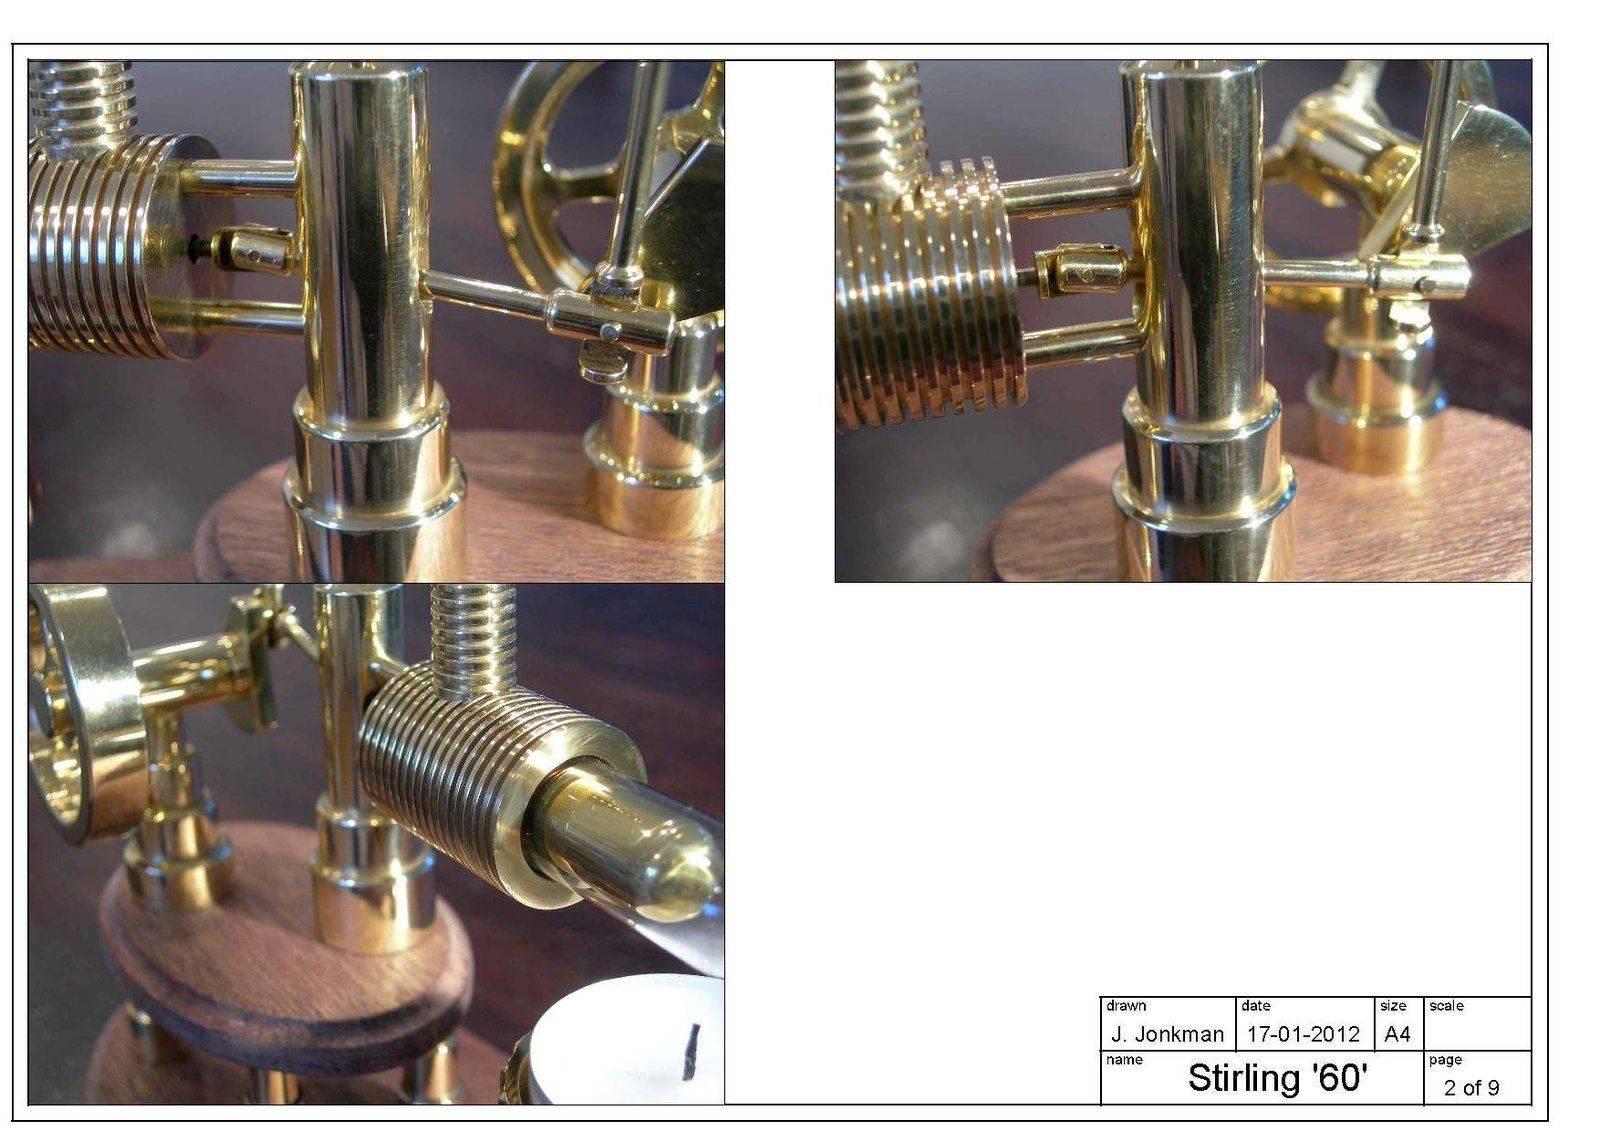 Stirling_8.jpg